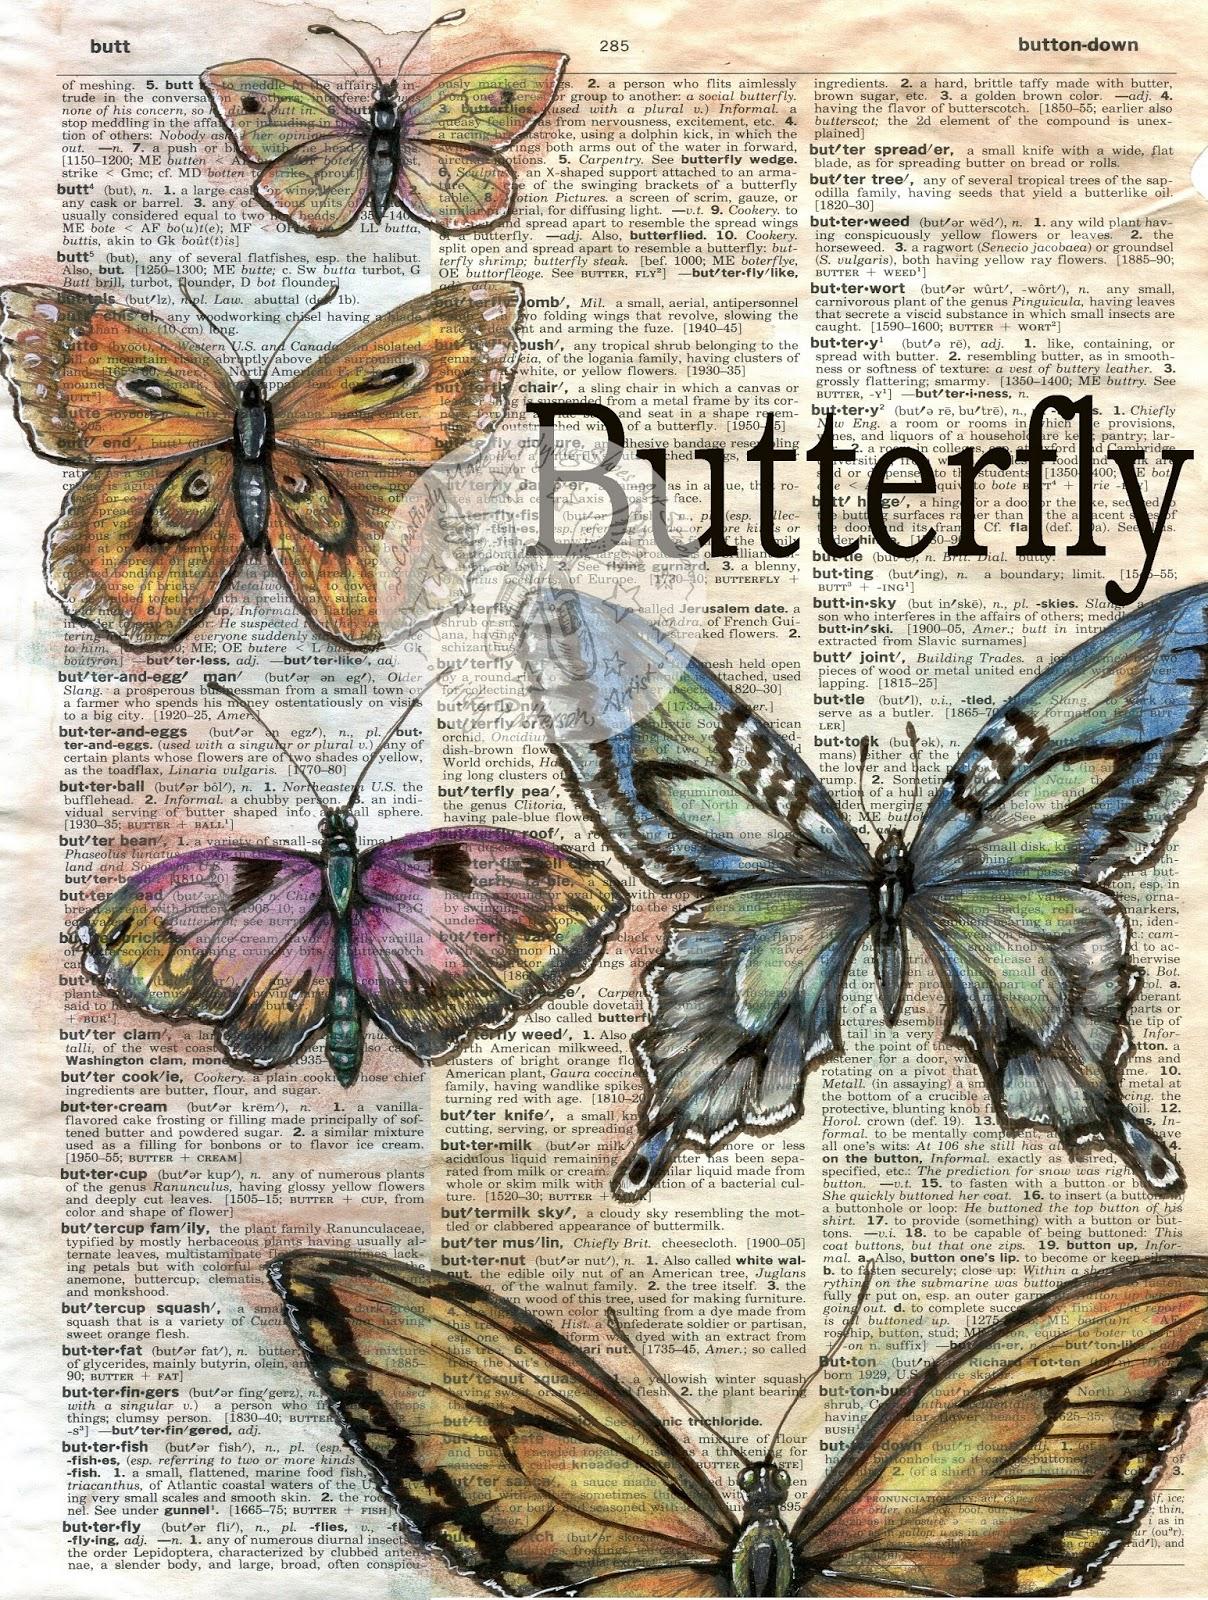 fly in buttermilk essay